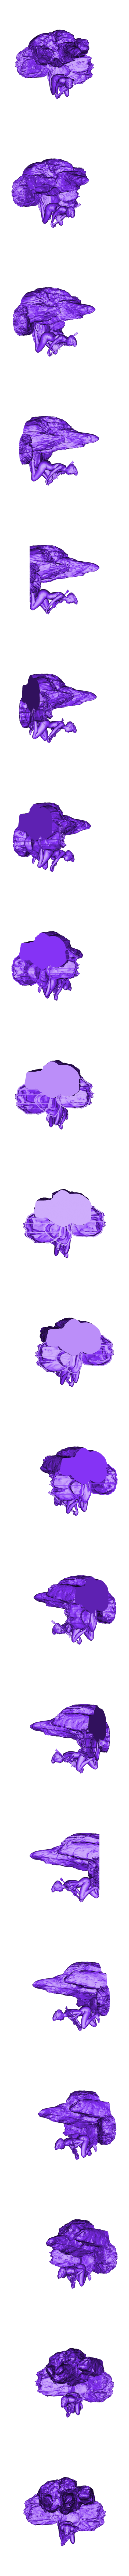 ladysoldier.stl Télécharger fichier STL gratuit Sculpture de Soldate Sculpture de bureau Ornement de bureau Porte-cartes de visite • Plan à imprimer en 3D, ED2014